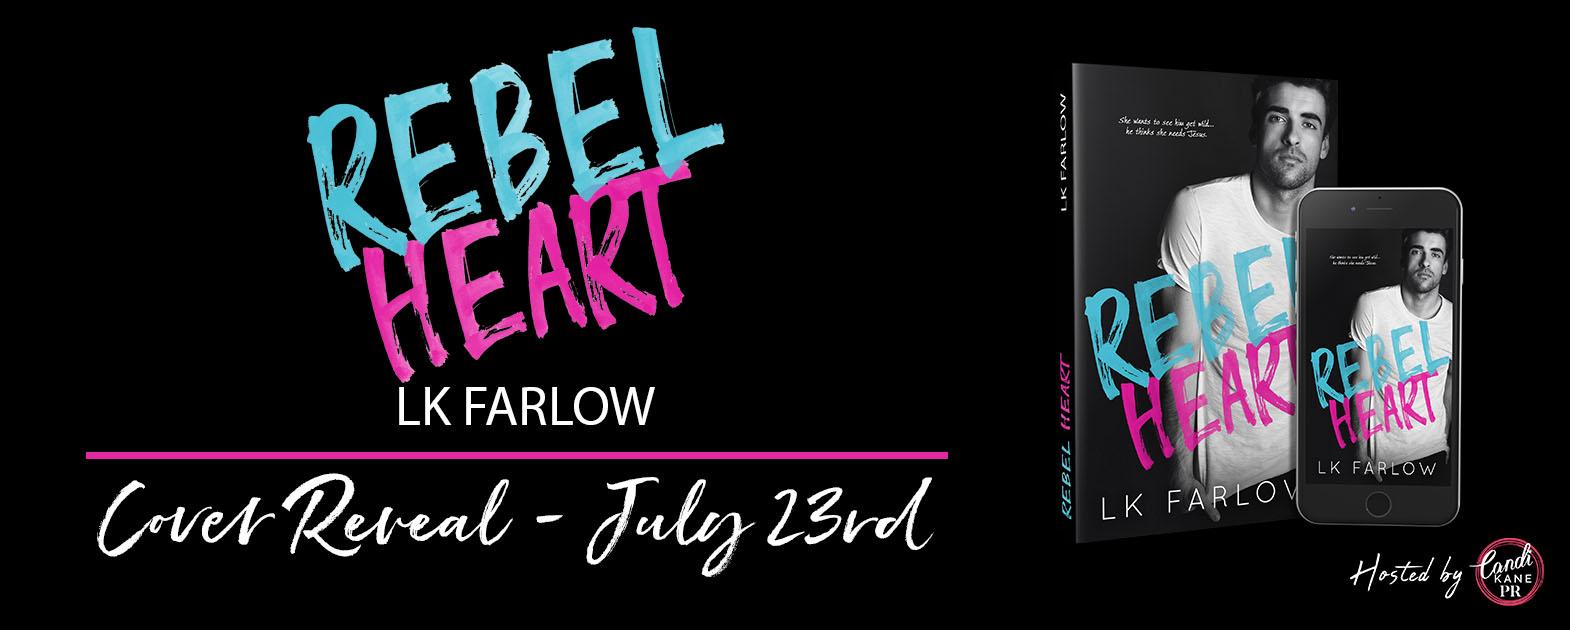 rebel heart cover reveal banner